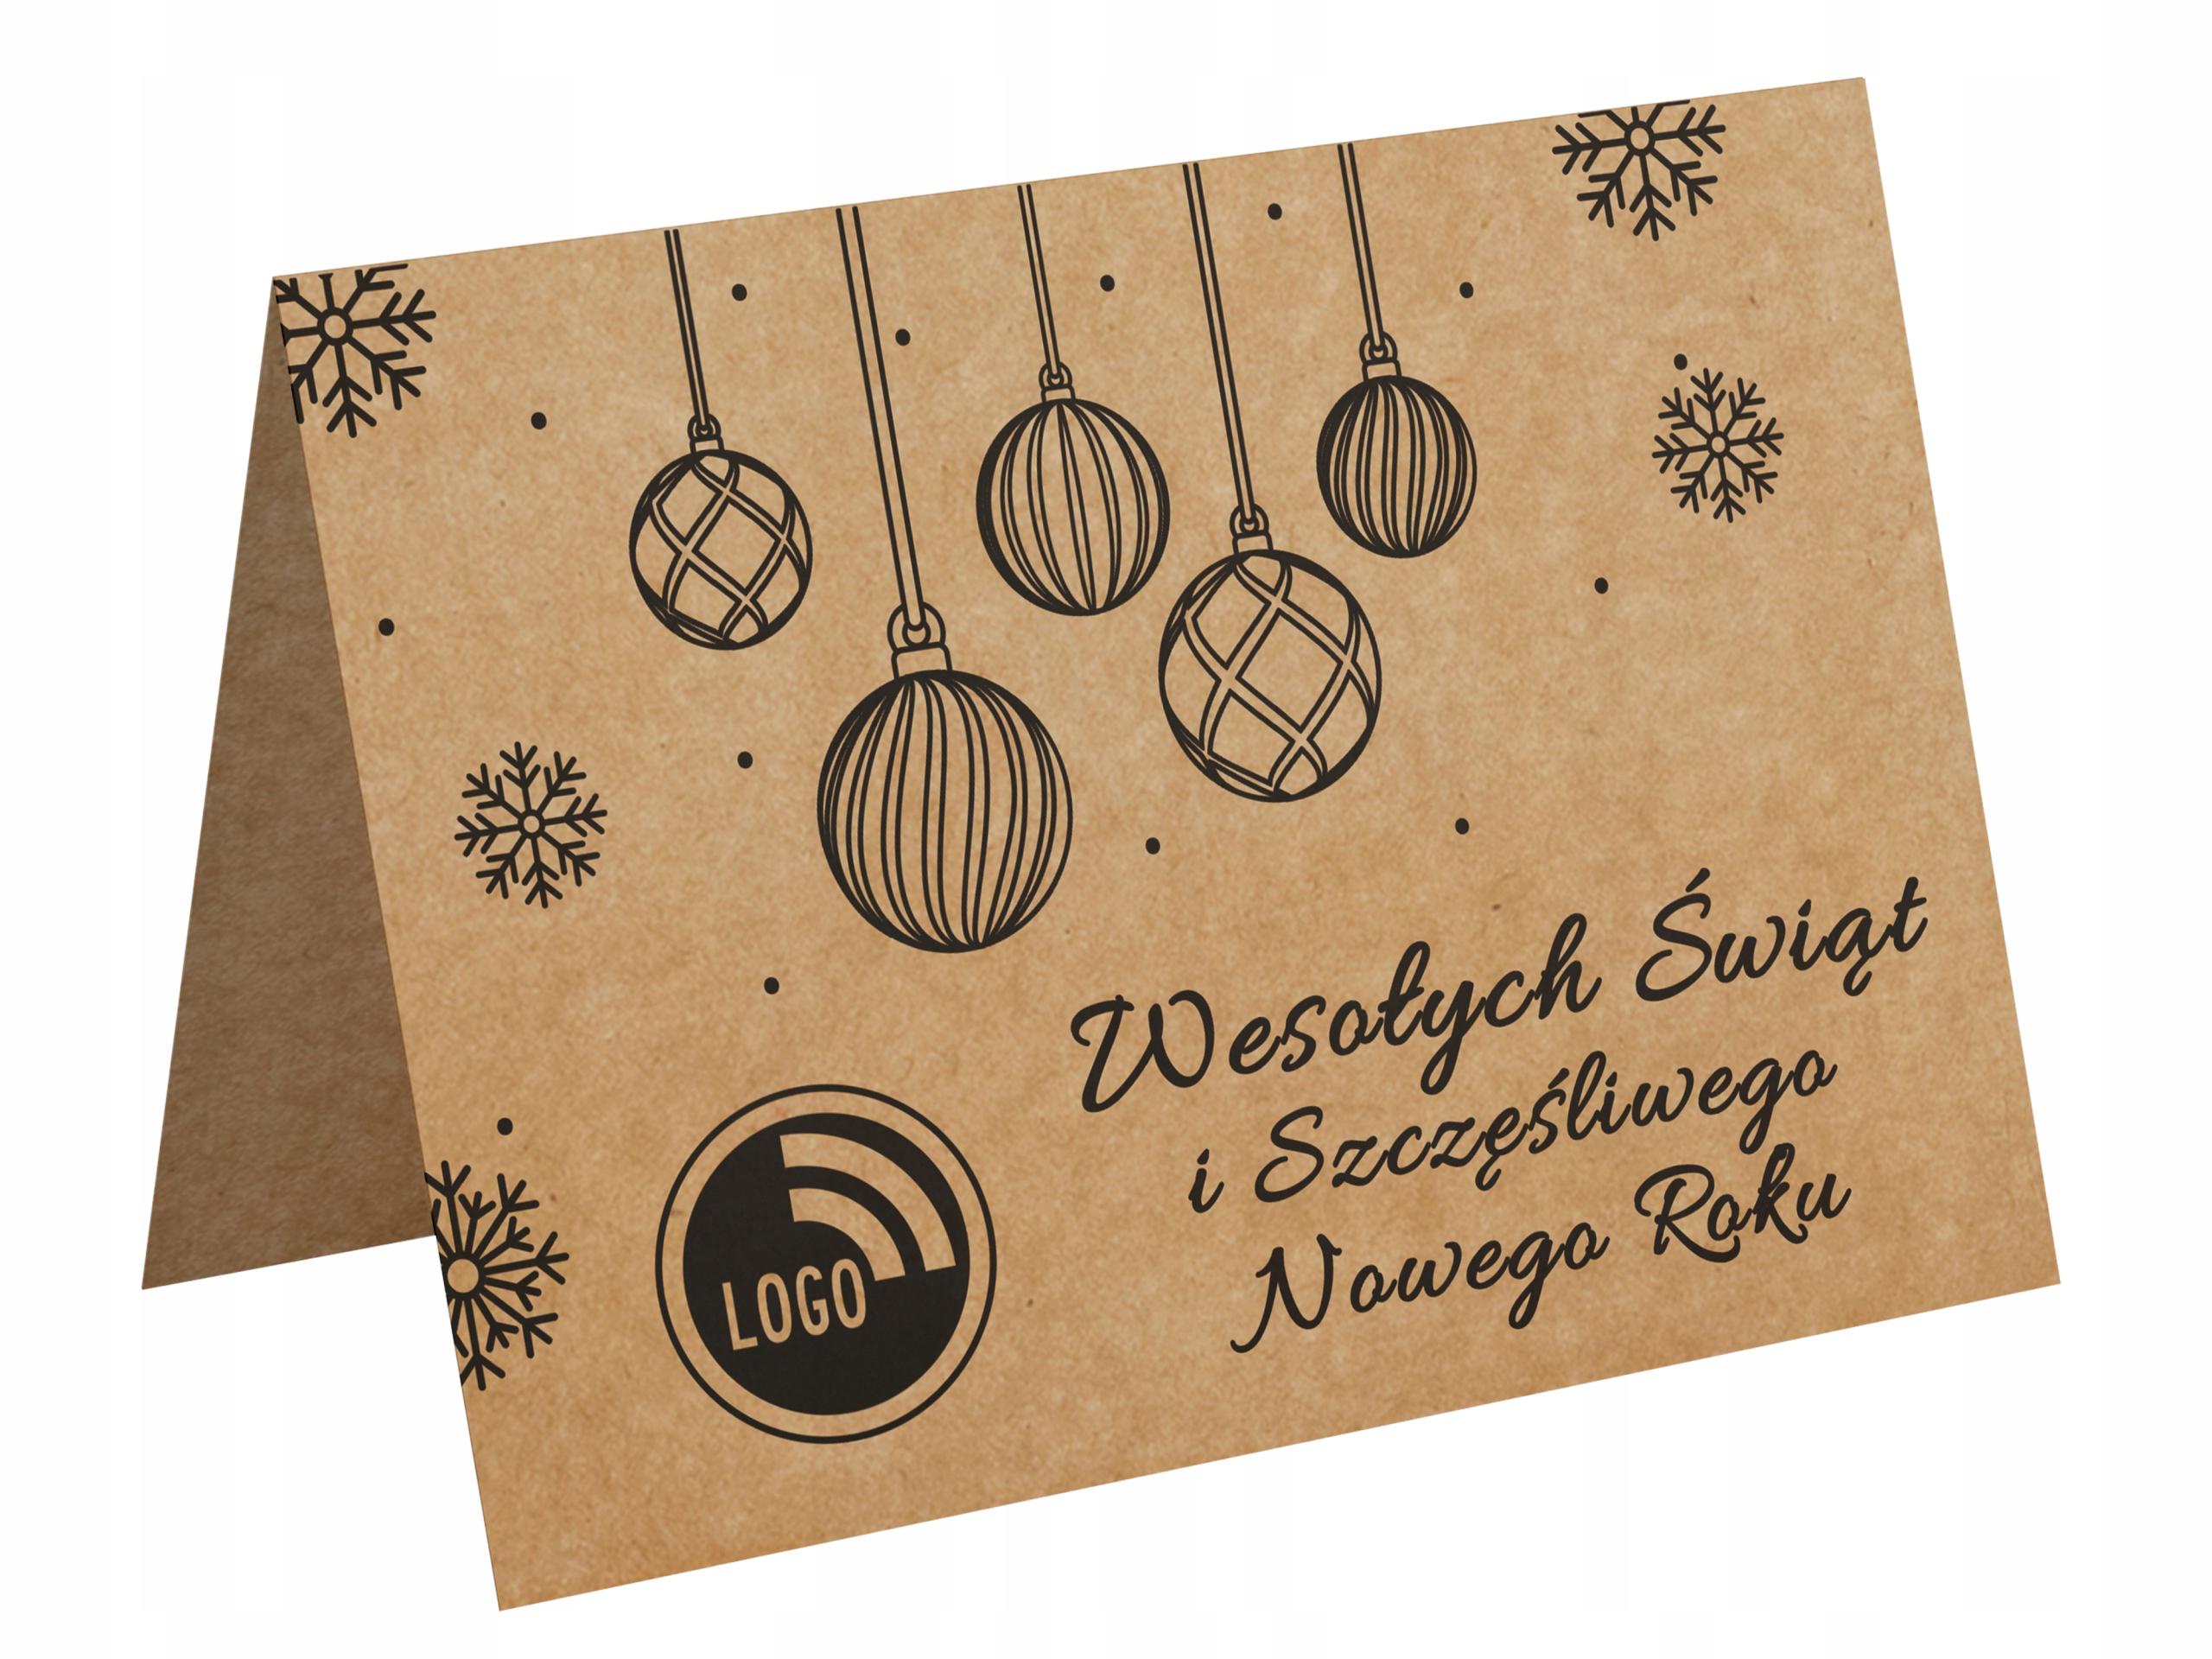 Slávnostné vianočné karty pre spoločnosti s logom - EKO